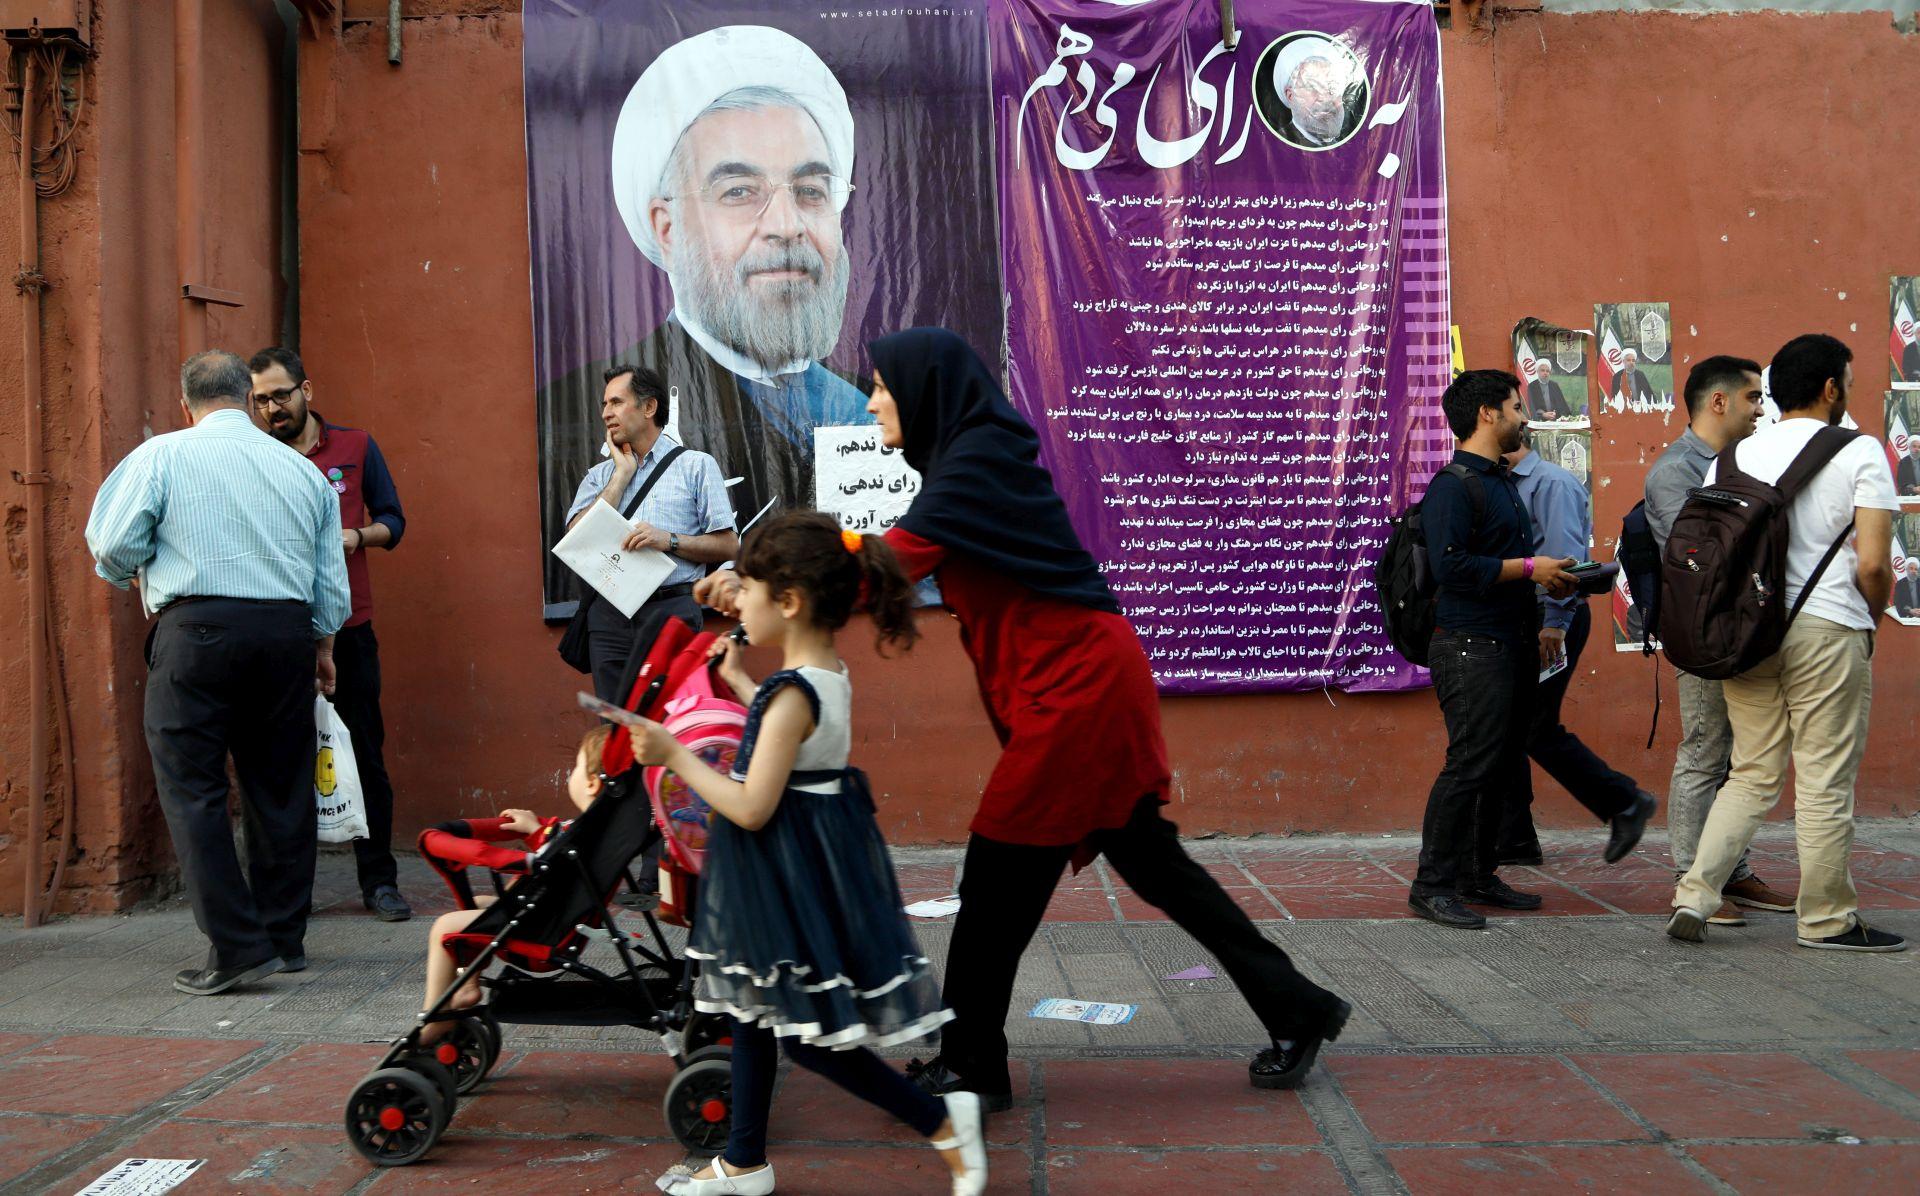 Rouhani izoliran i u teškom položaju prije američkih sankcija